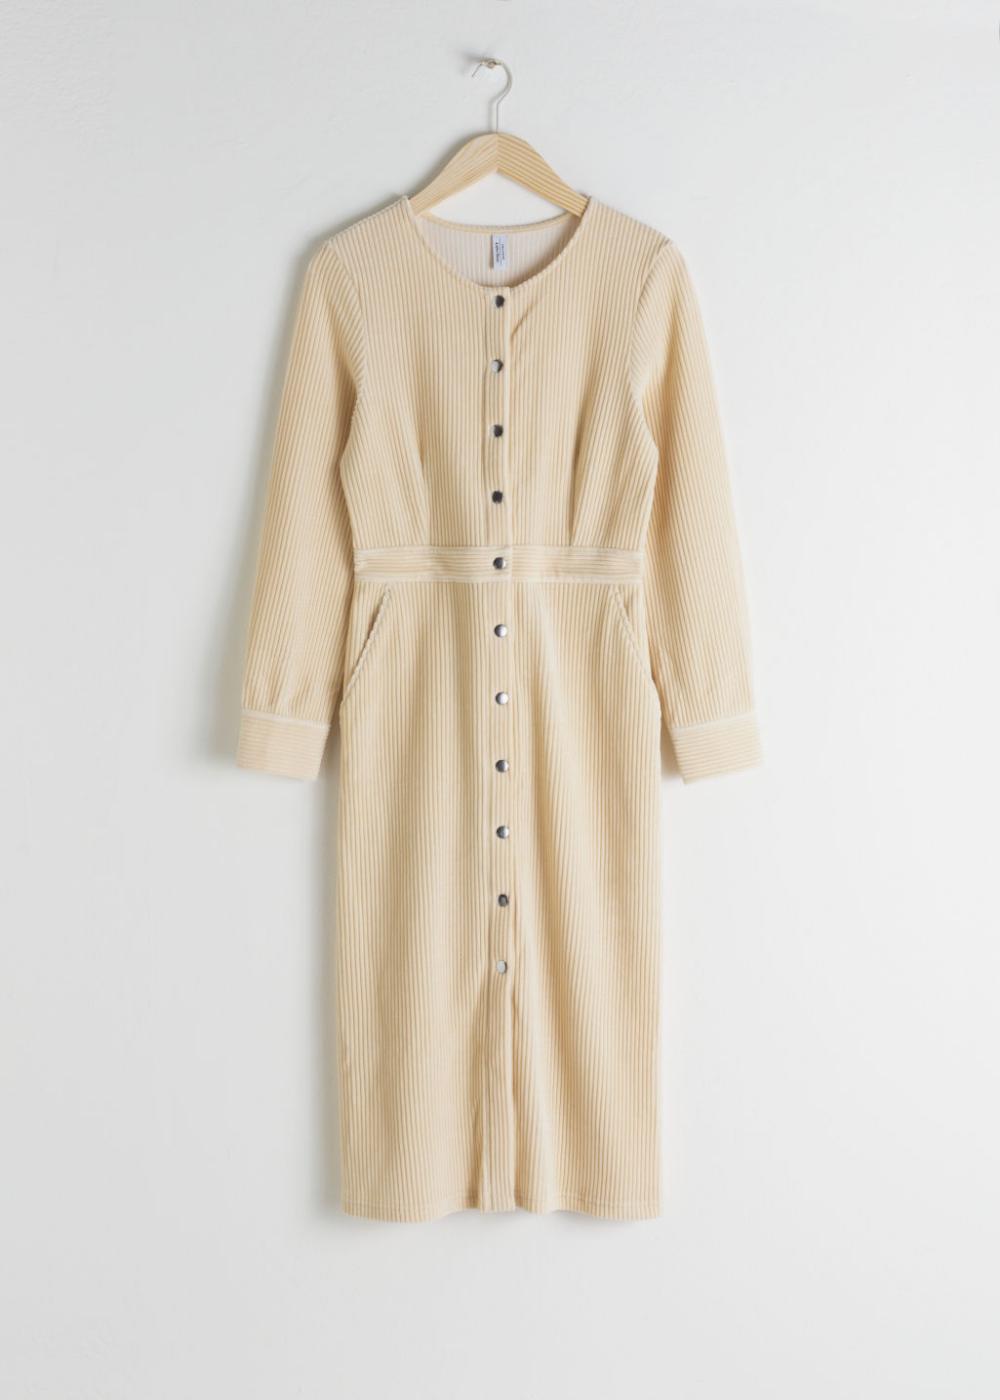 Long Sleeve Corduroy Midi Dress Beige Midi Dress Midi Dress Dresses [ 1400 x 1000 Pixel ]